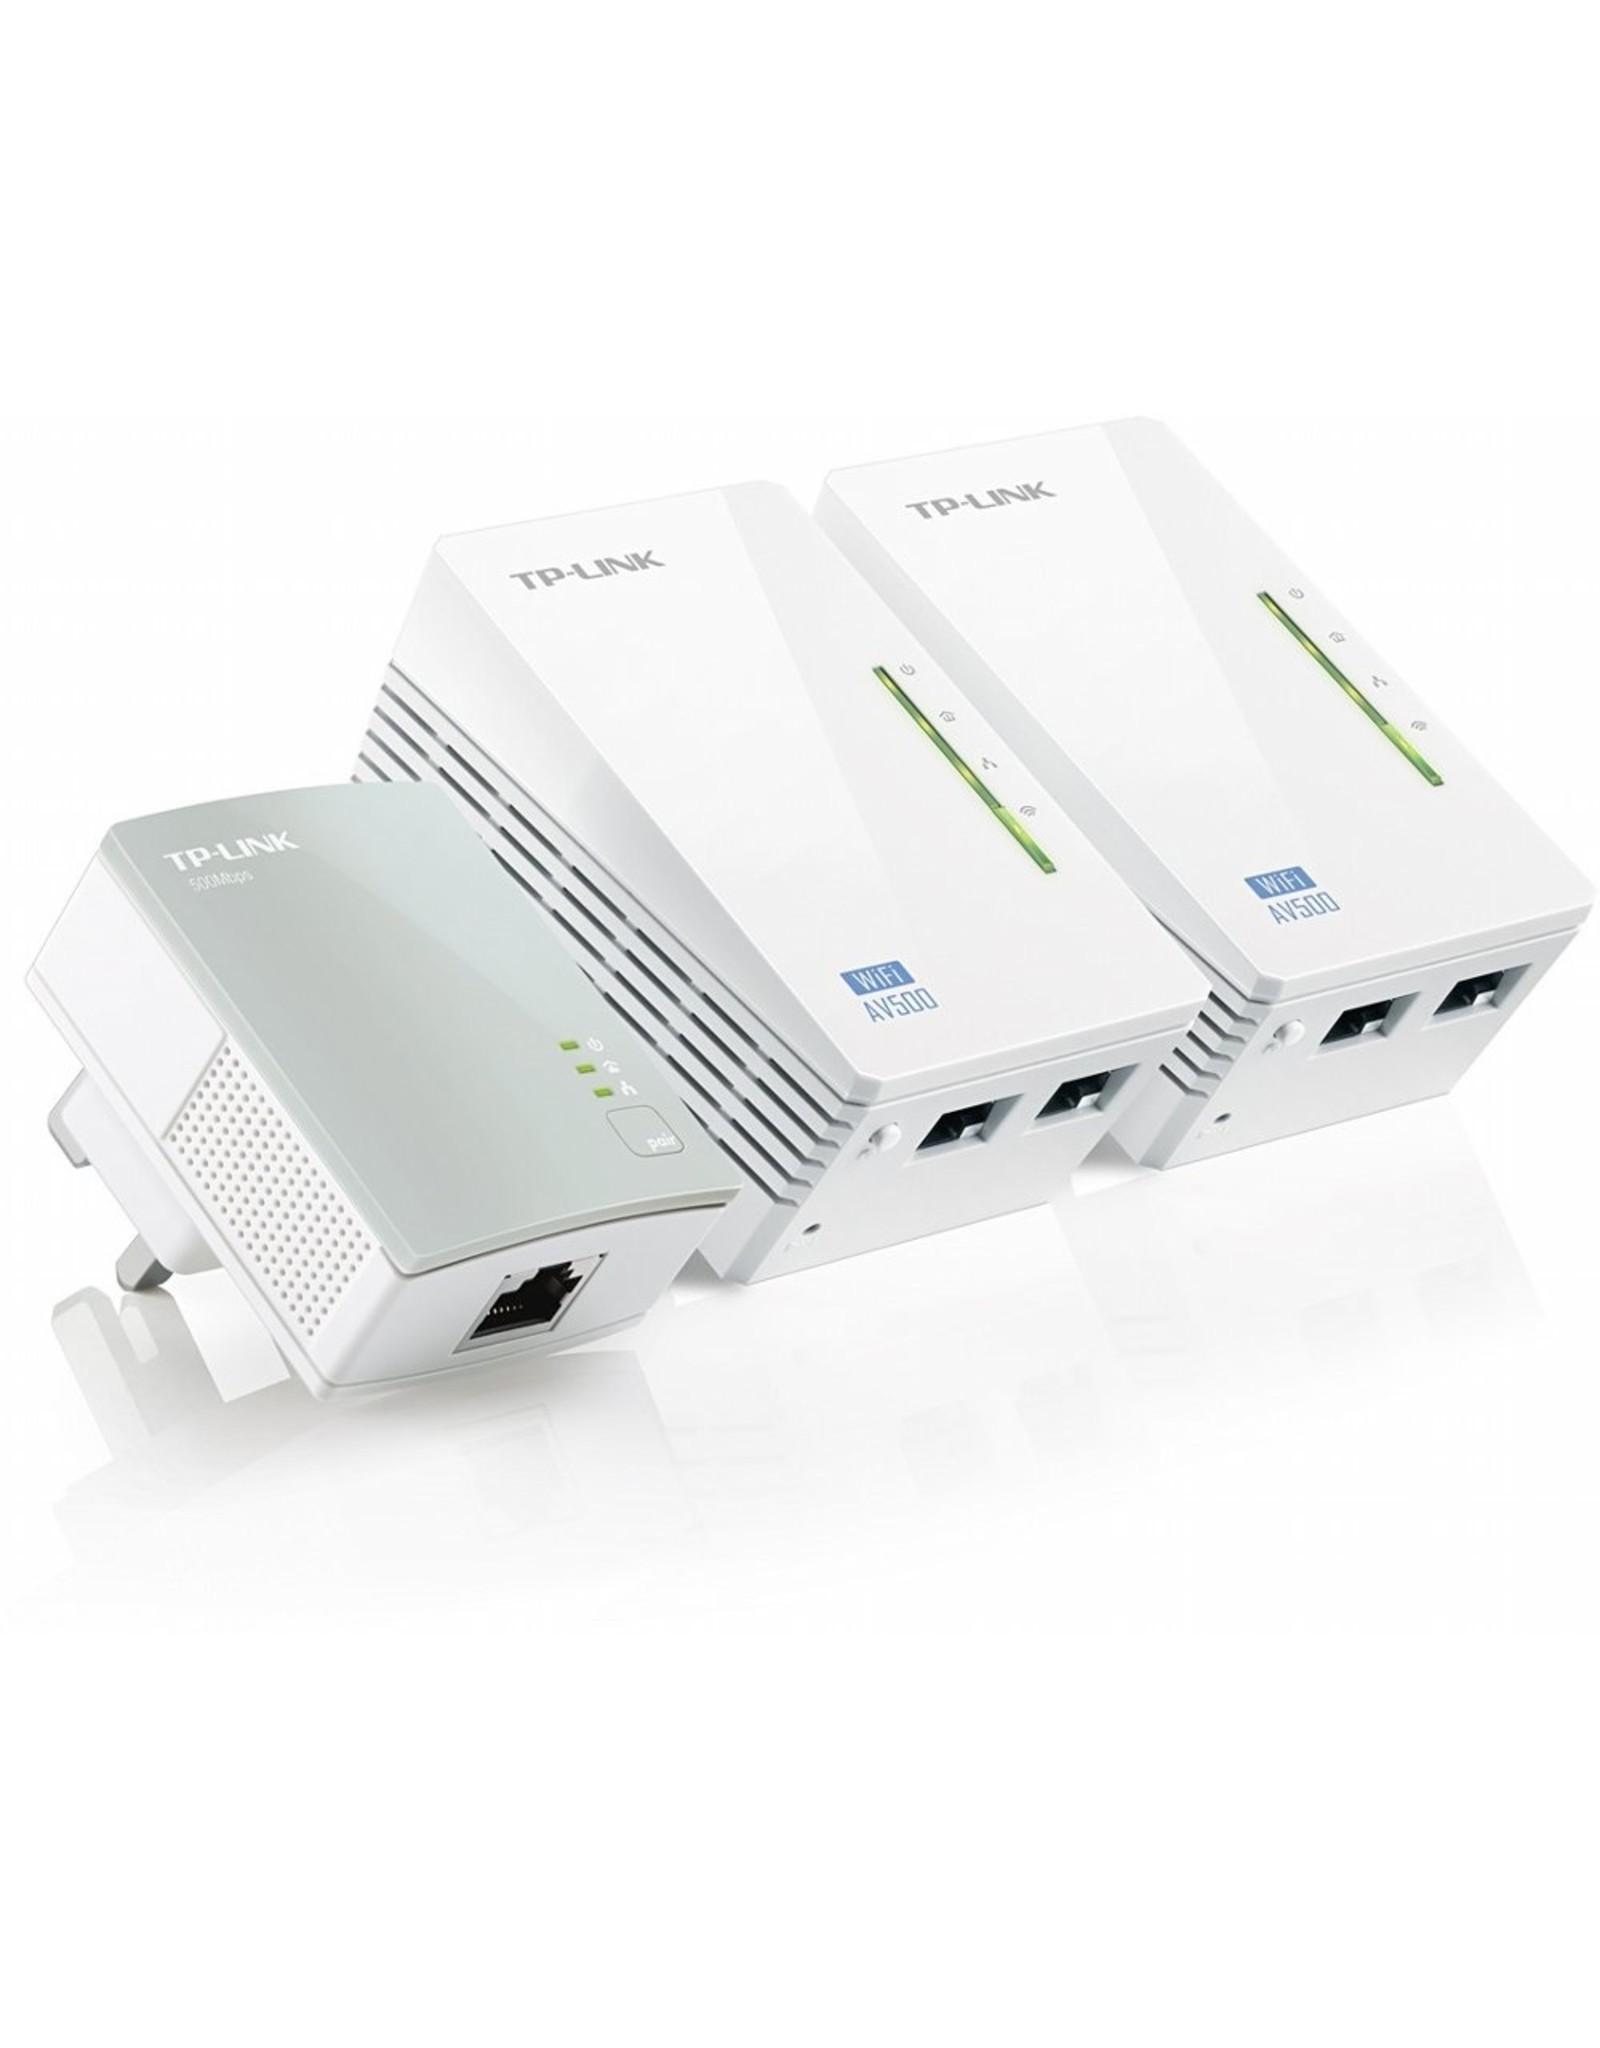 TP-Link WPA4220TKIT AV500 WiFi 300MbpsKIT Powerline Extender